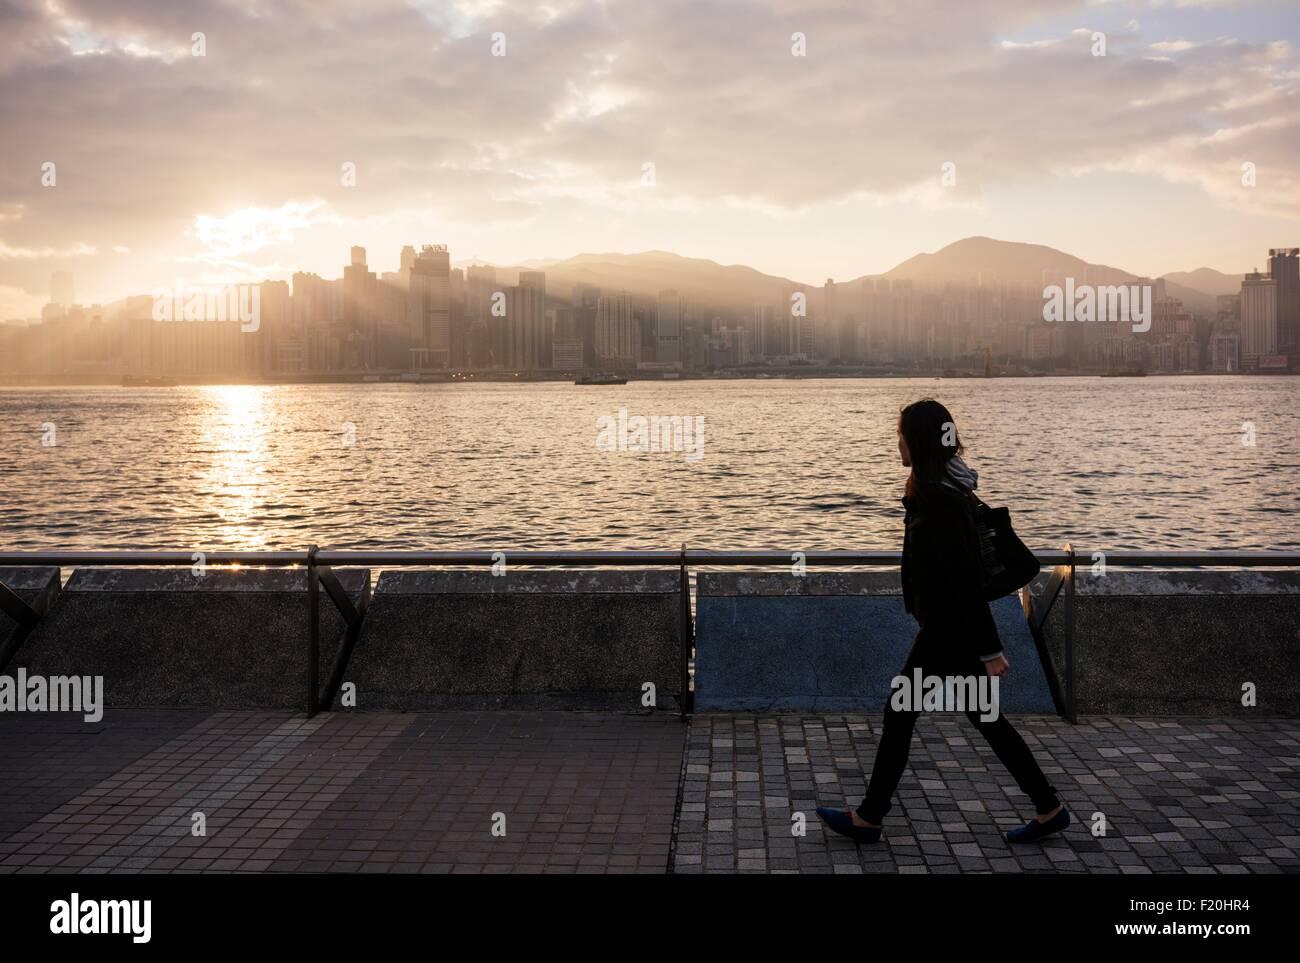 Vue latérale du jeune femme en passant devant l'eau, Hong Kong, Chine Photo Stock